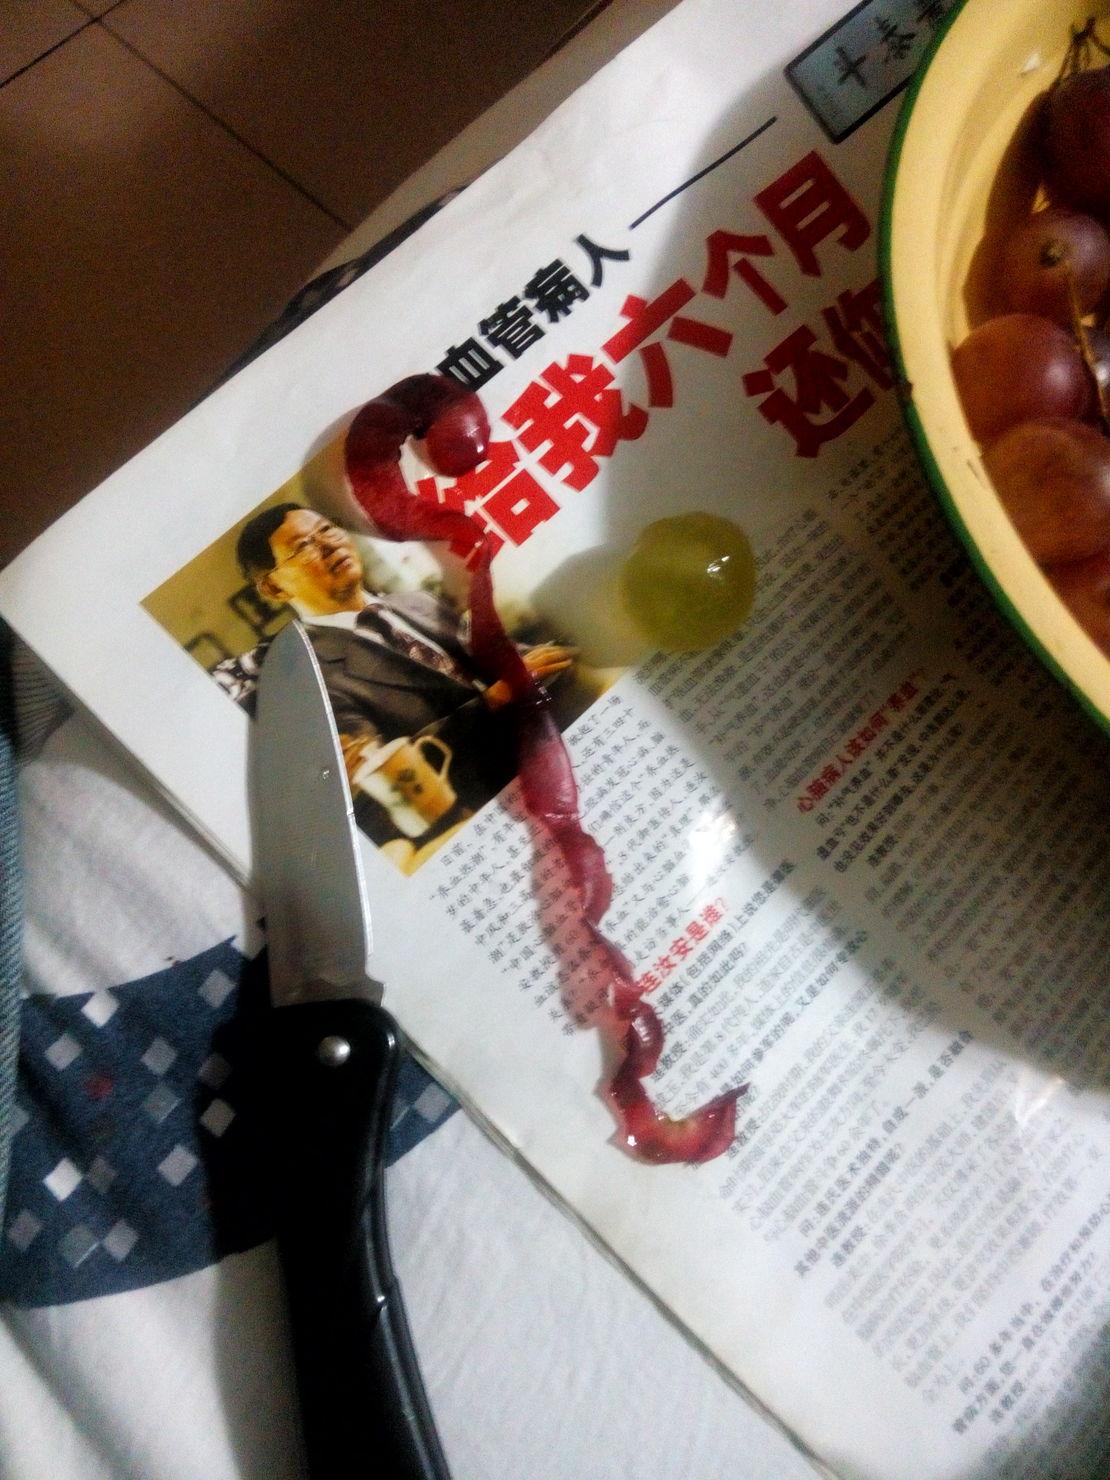 你们谁吃葡萄削皮……我家吃葡萄削皮~